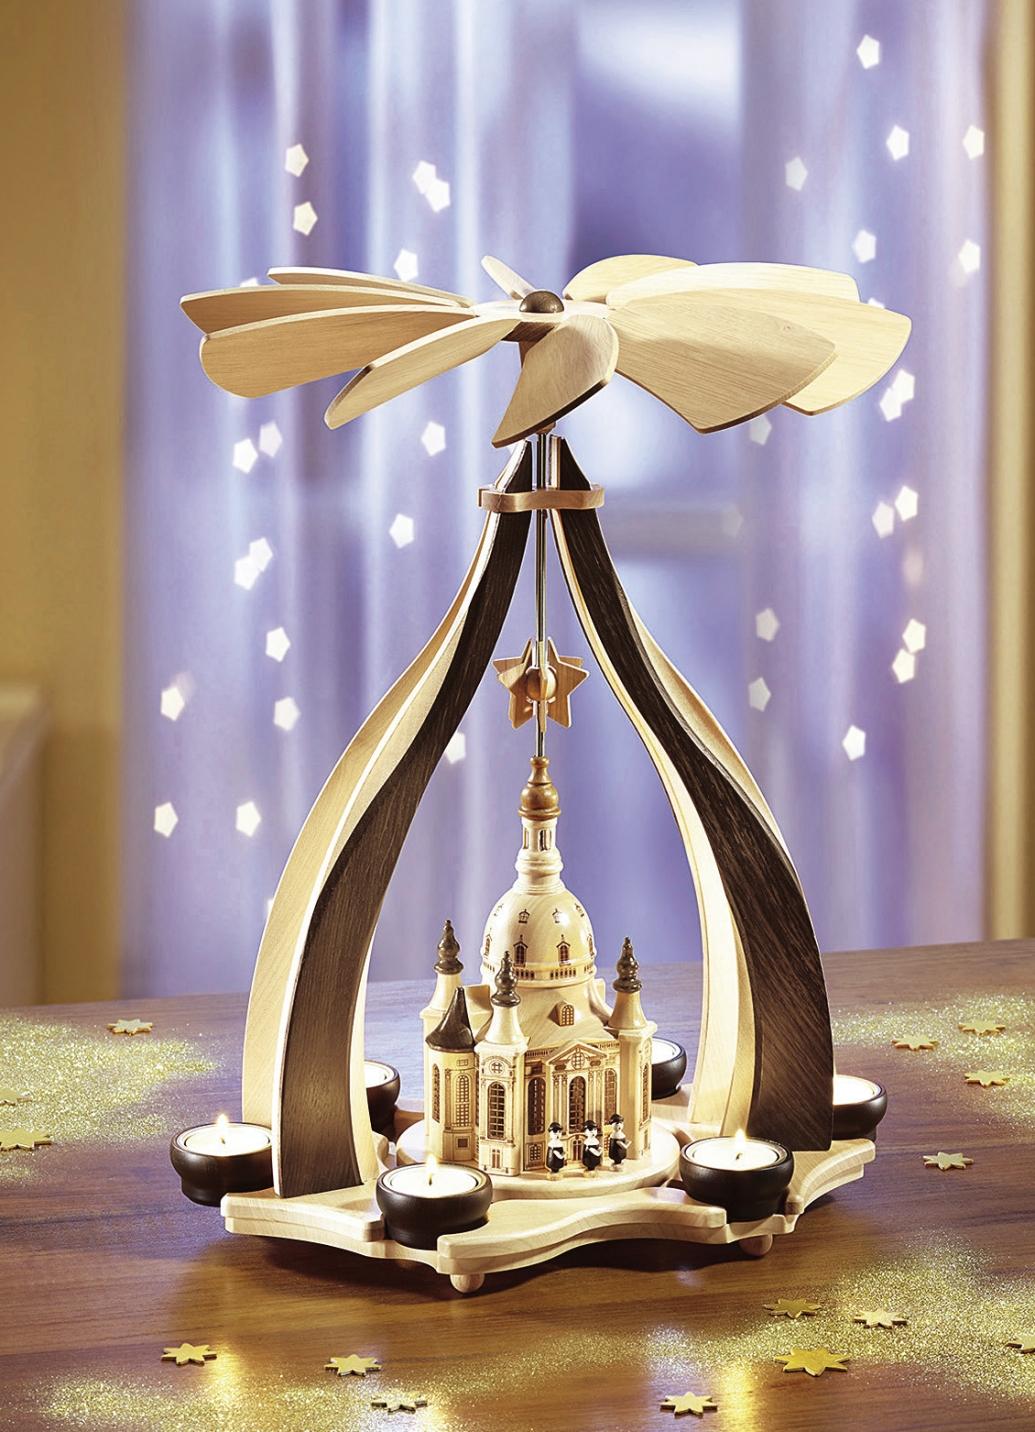 zeidler tischpyramide dresdner frauenkirche aus dem erzgebirge brigitte hachenburg. Black Bedroom Furniture Sets. Home Design Ideas